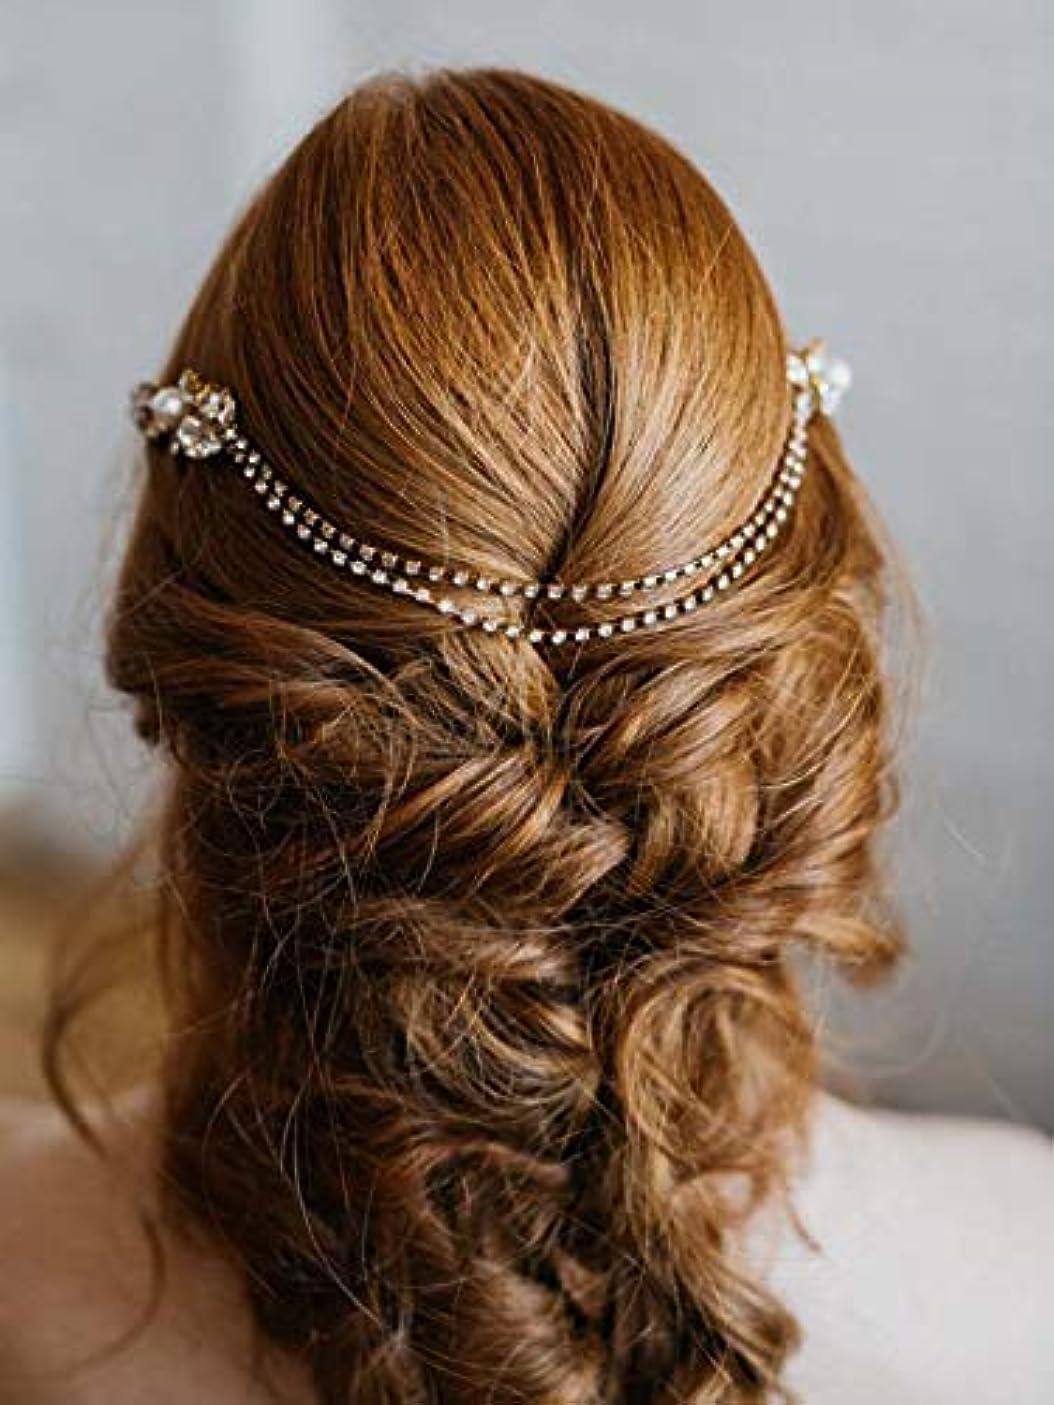 関与する嫌悪軸Aukmla Wedding Hair Accessories Flower Hair Combs with Chain Decorative Bridal for Brides and Bridesmaids (Silver...